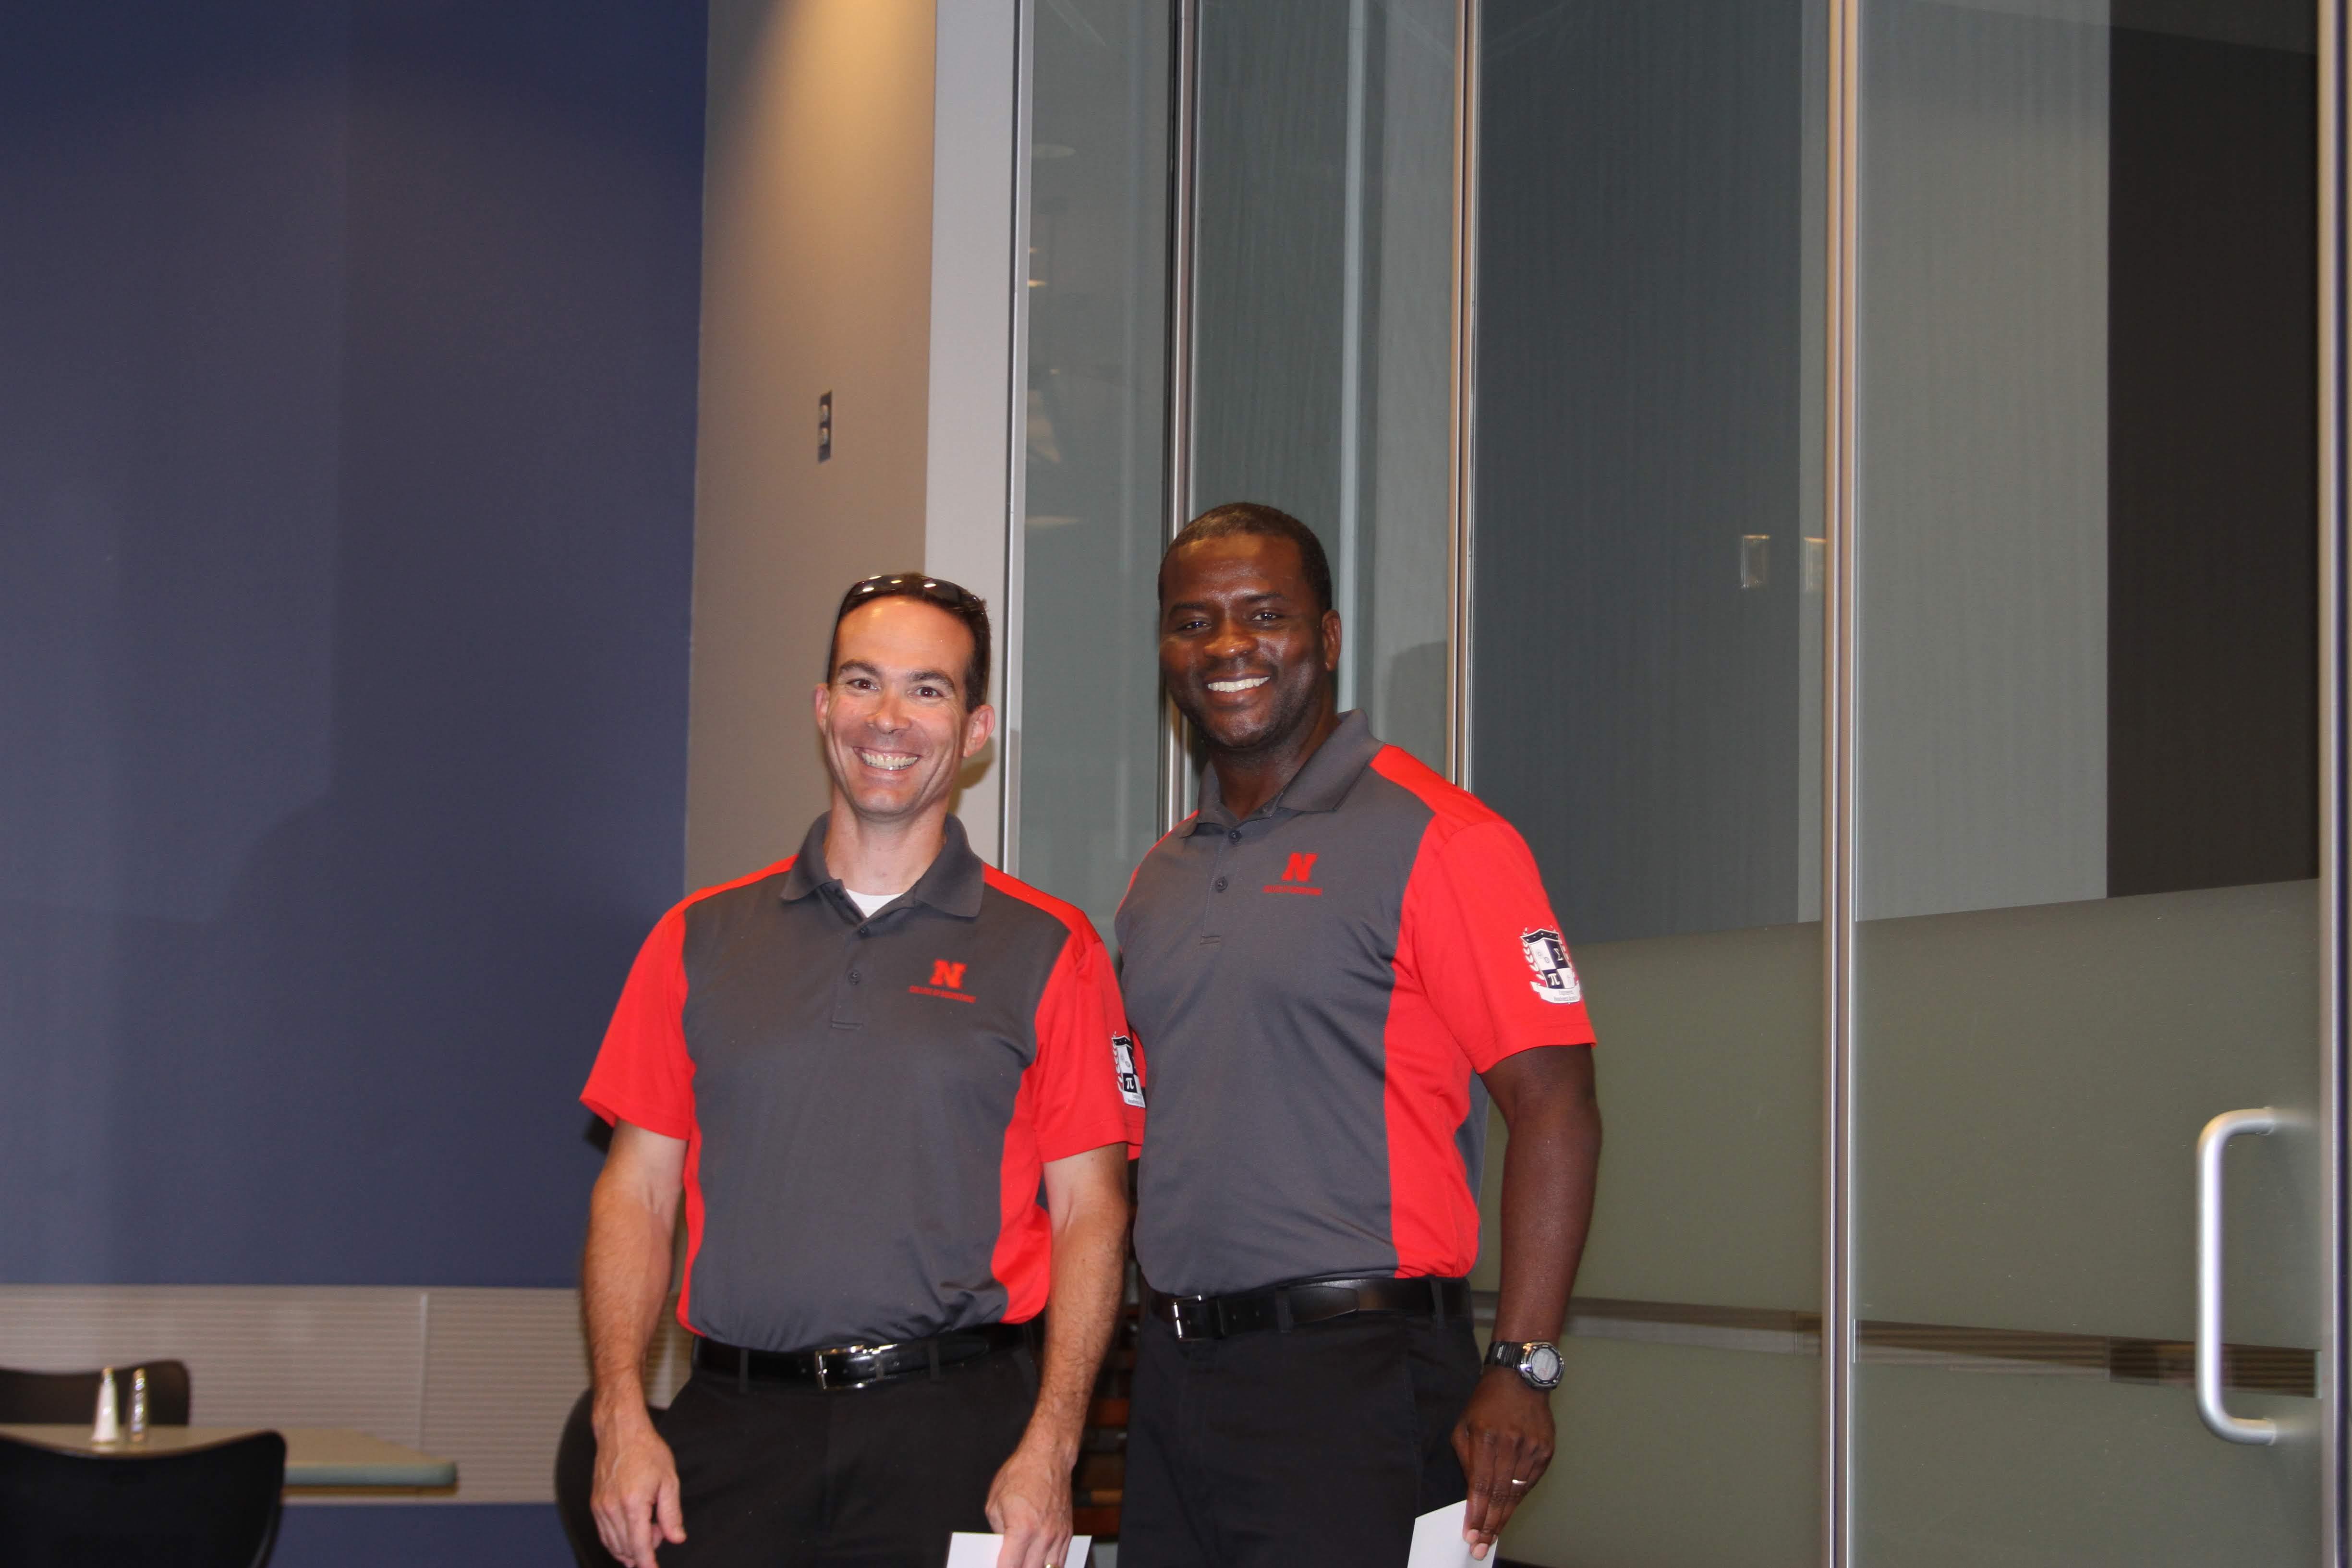 ERA instructors Dr. Richter-Egger and Dr. Nero